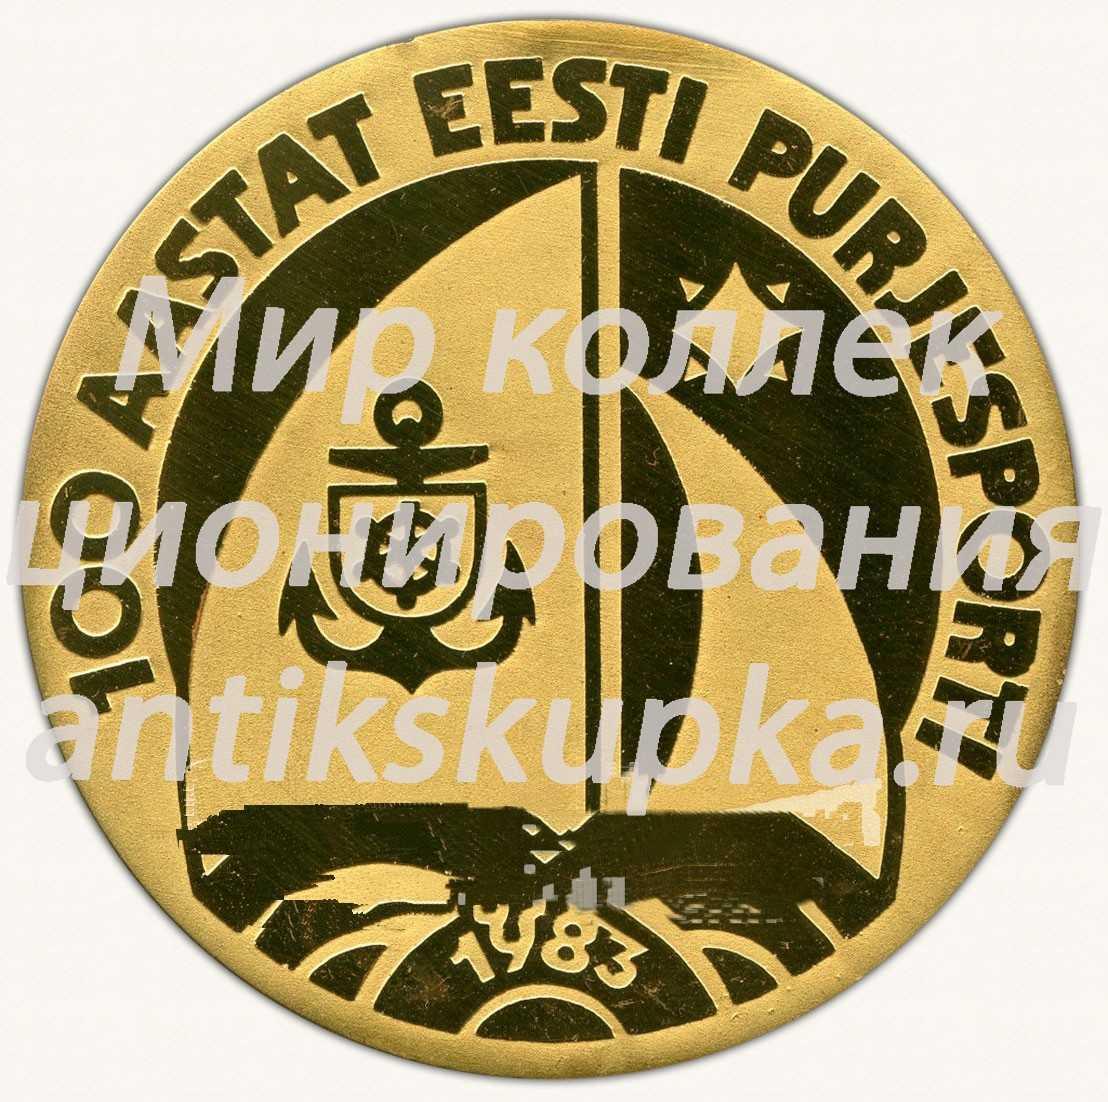 Настольная медаль «100 лет эстонской парусного спорта. 1983»